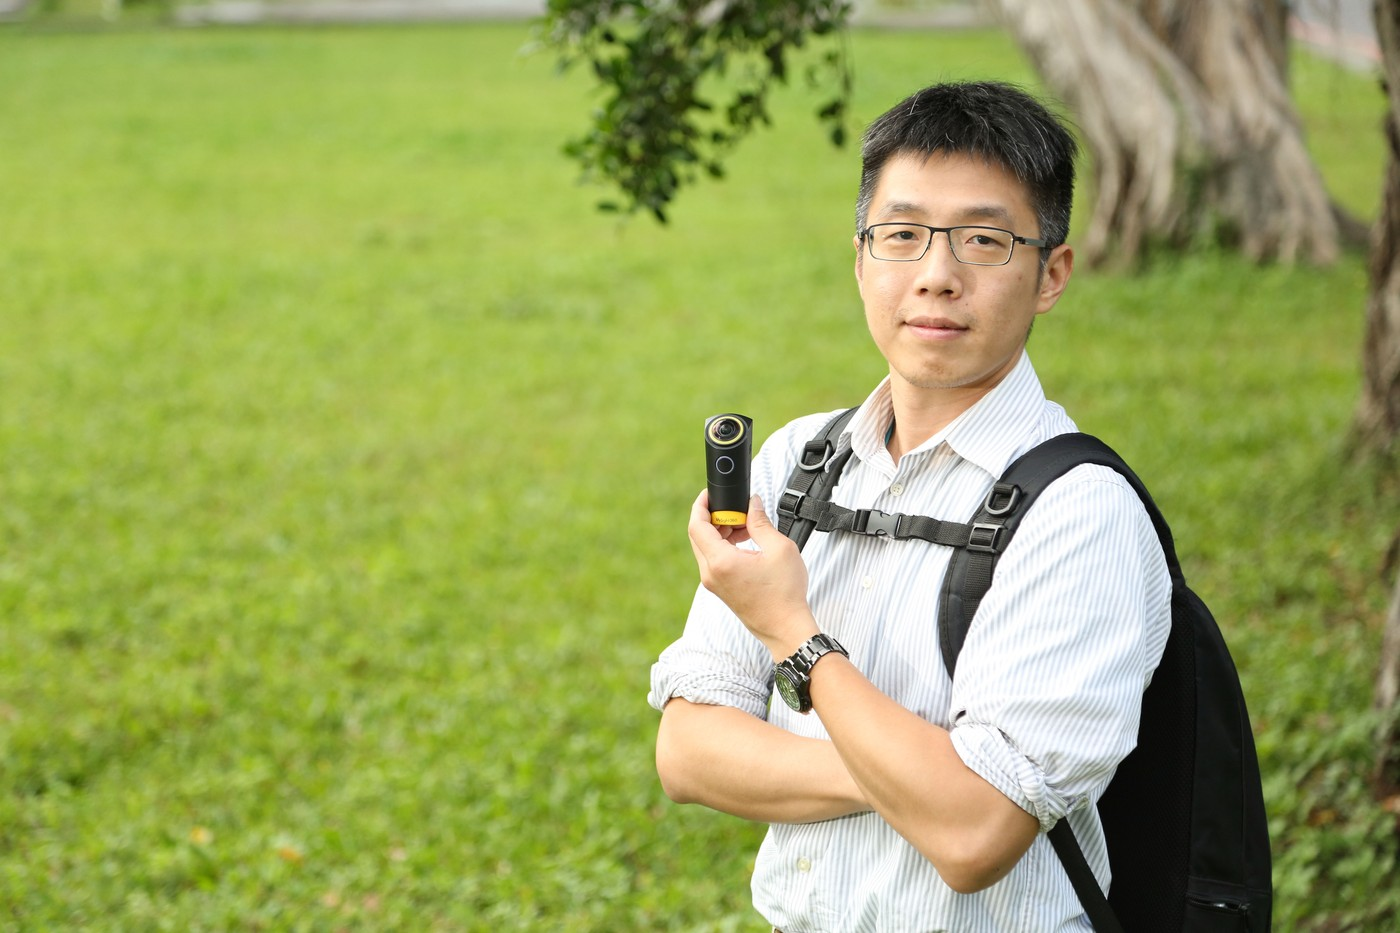 切入VR分眾市場!視旅科技打造穿戴式VR「登山」攝影機